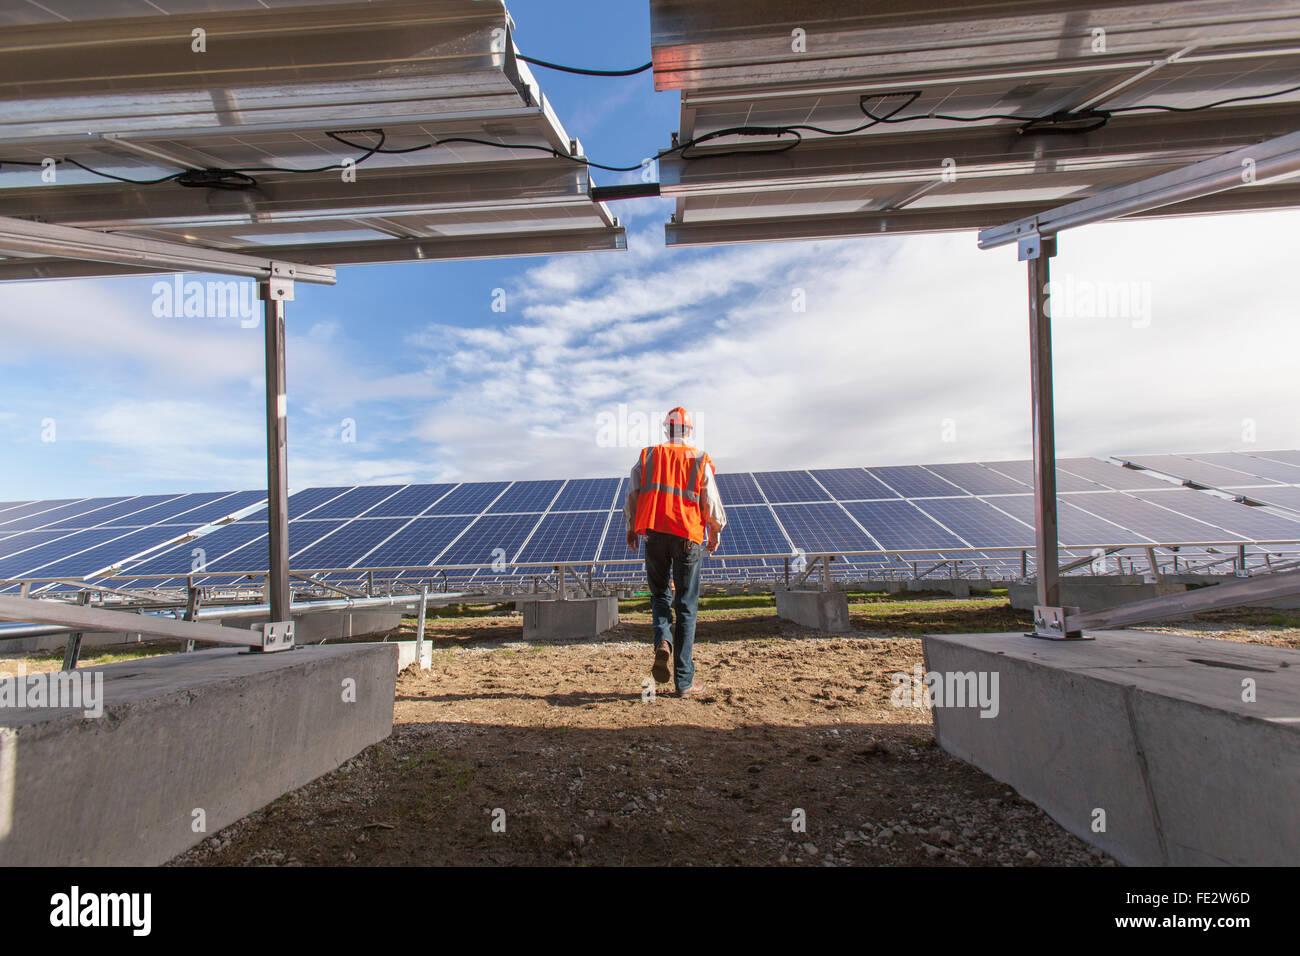 Ingeniero de energía caminando hacia la matriz de energía solar fotovoltaica Imagen De Stock